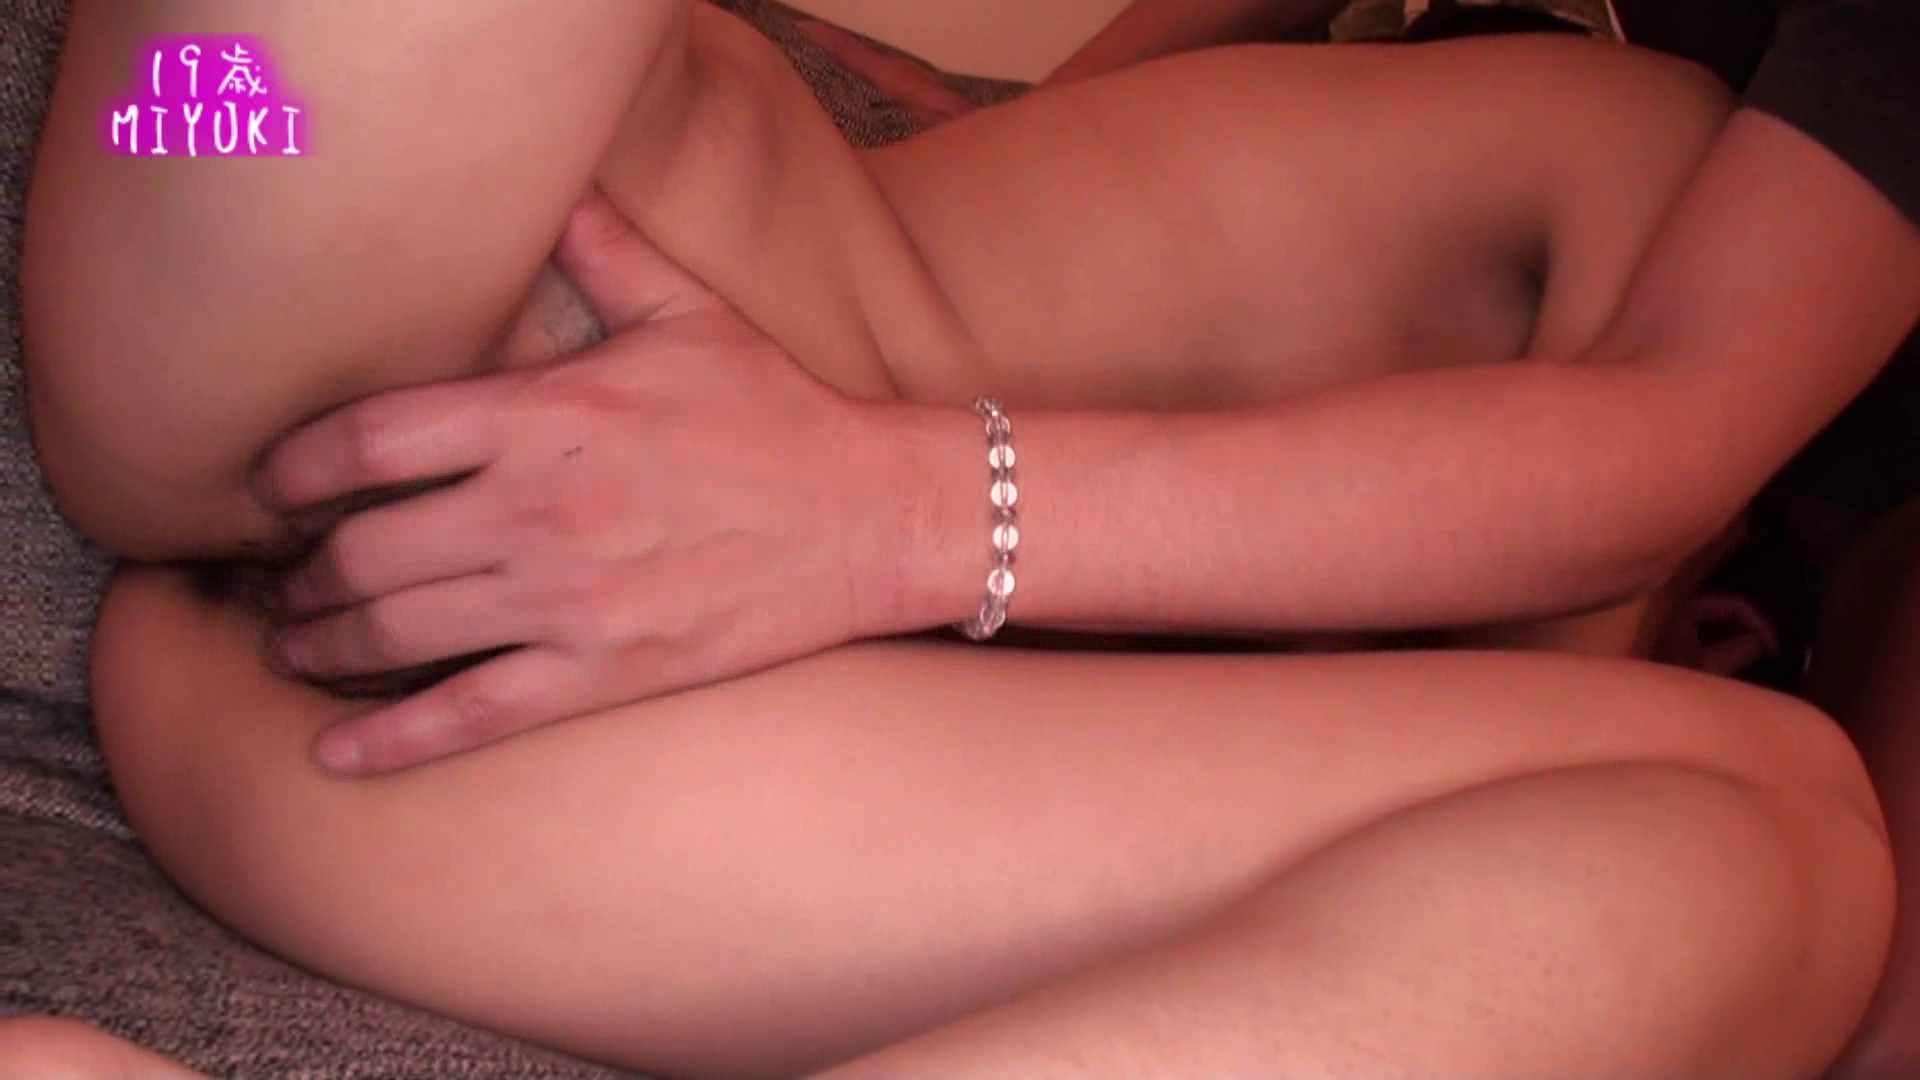 19歳MIYUKIちゃんのフェラ気持ち良さそうです フェラ   素人  91pic 29